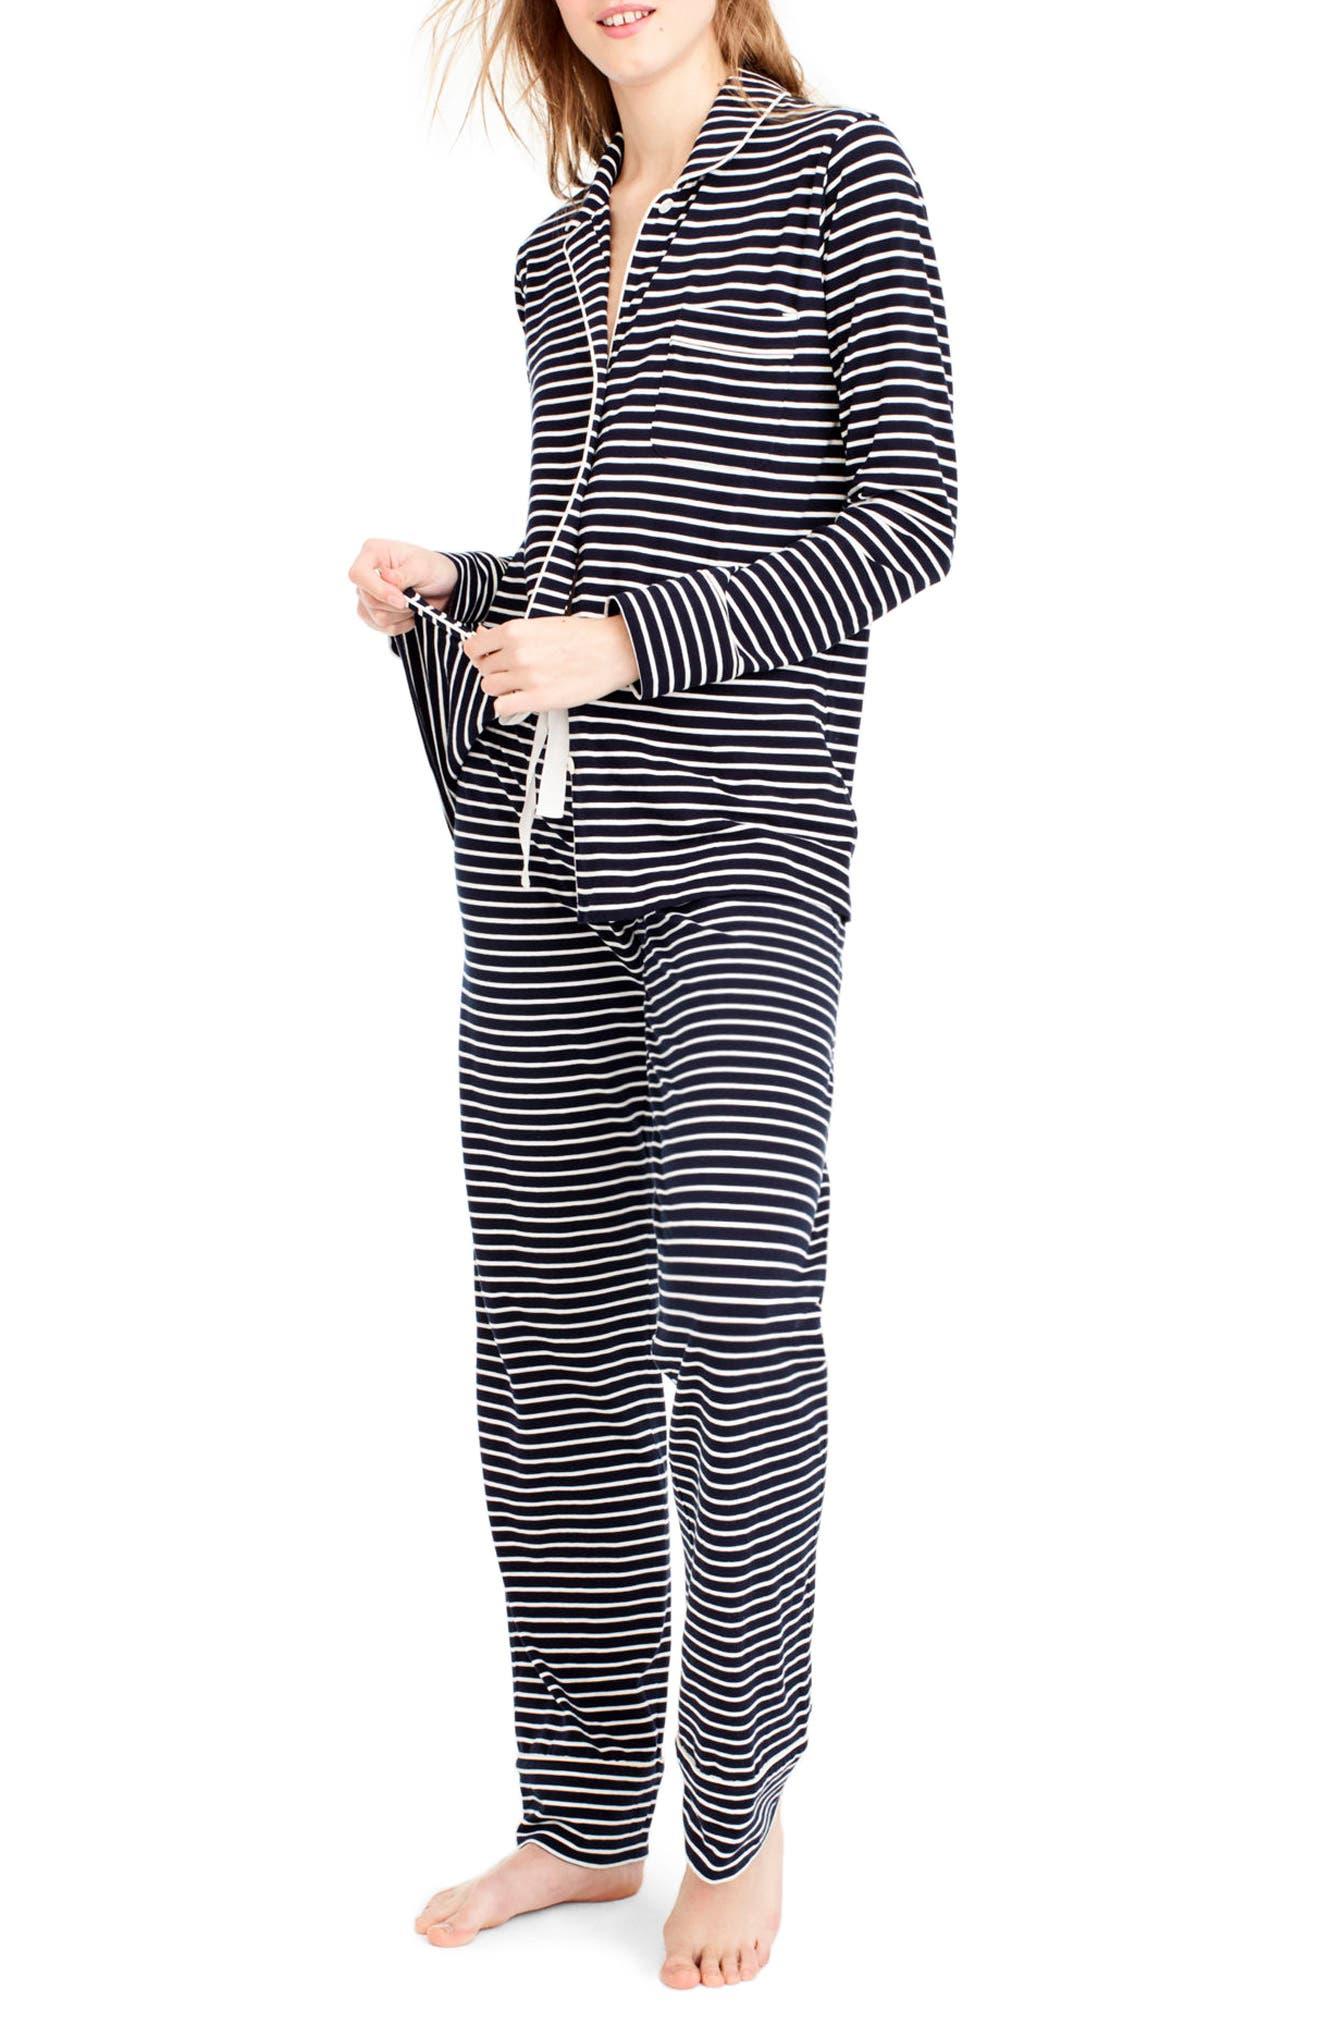 Alternate Image 1 Selected - J.Crew Dreamy Stripe Pajamas